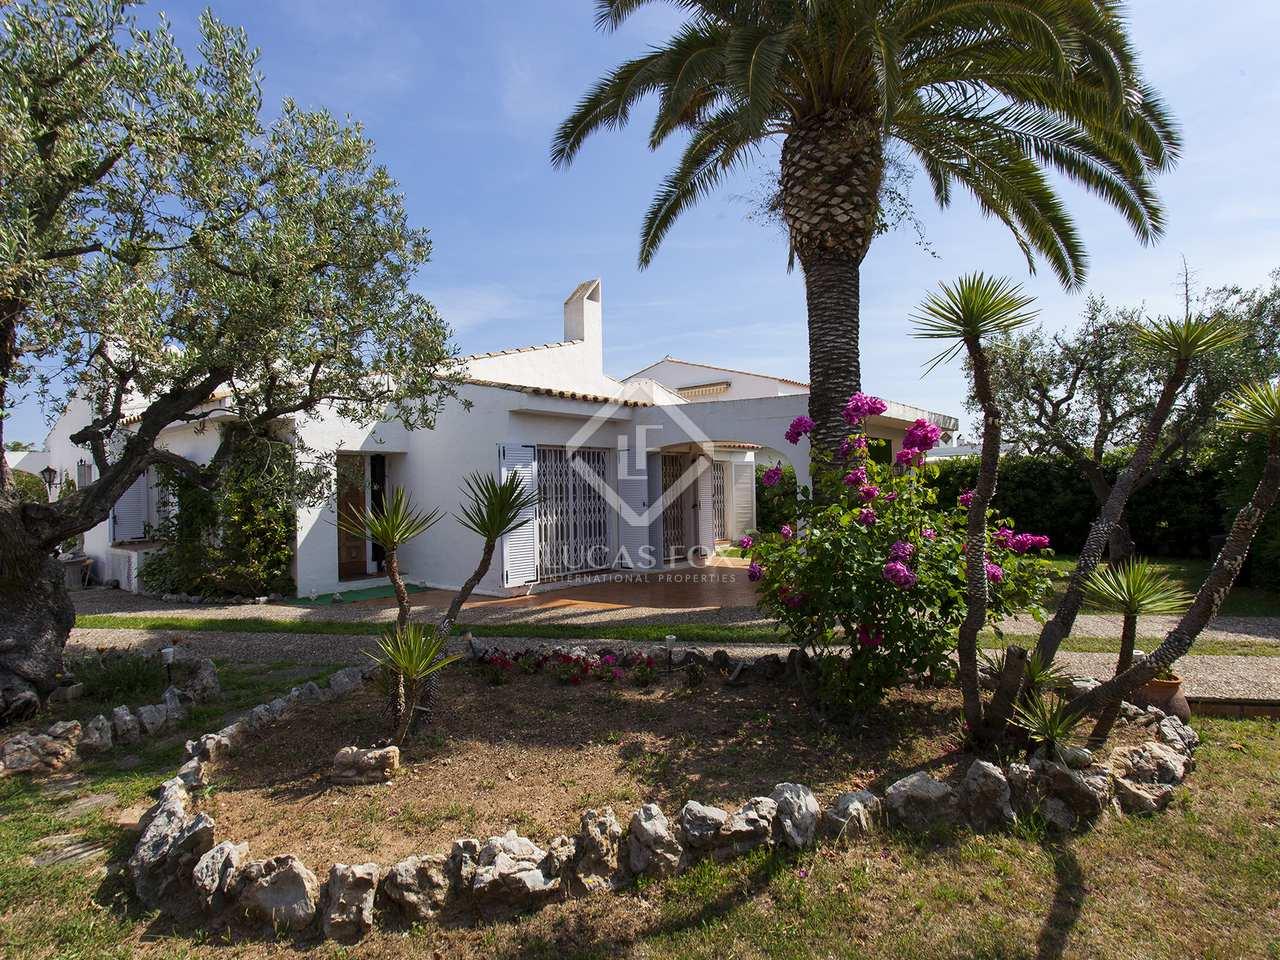 Maison villa de 200m a vendre sant pere ribes avec 1 for Jardin anglais caracteristiques